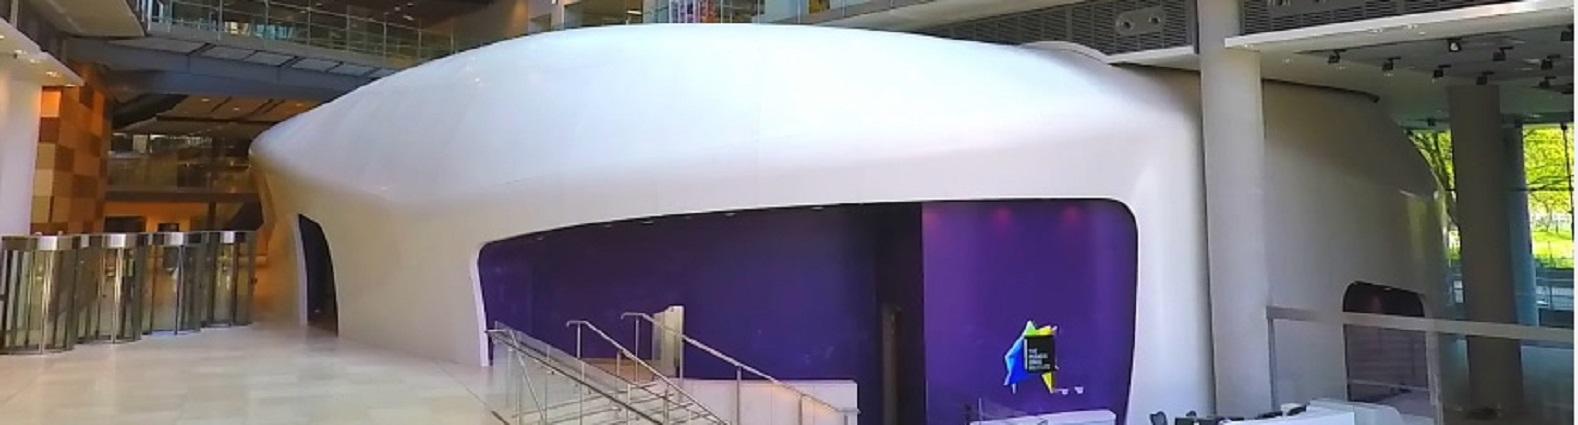 Francis Crick Auditorium pod GRP Laing O'Rourke HOK Architects